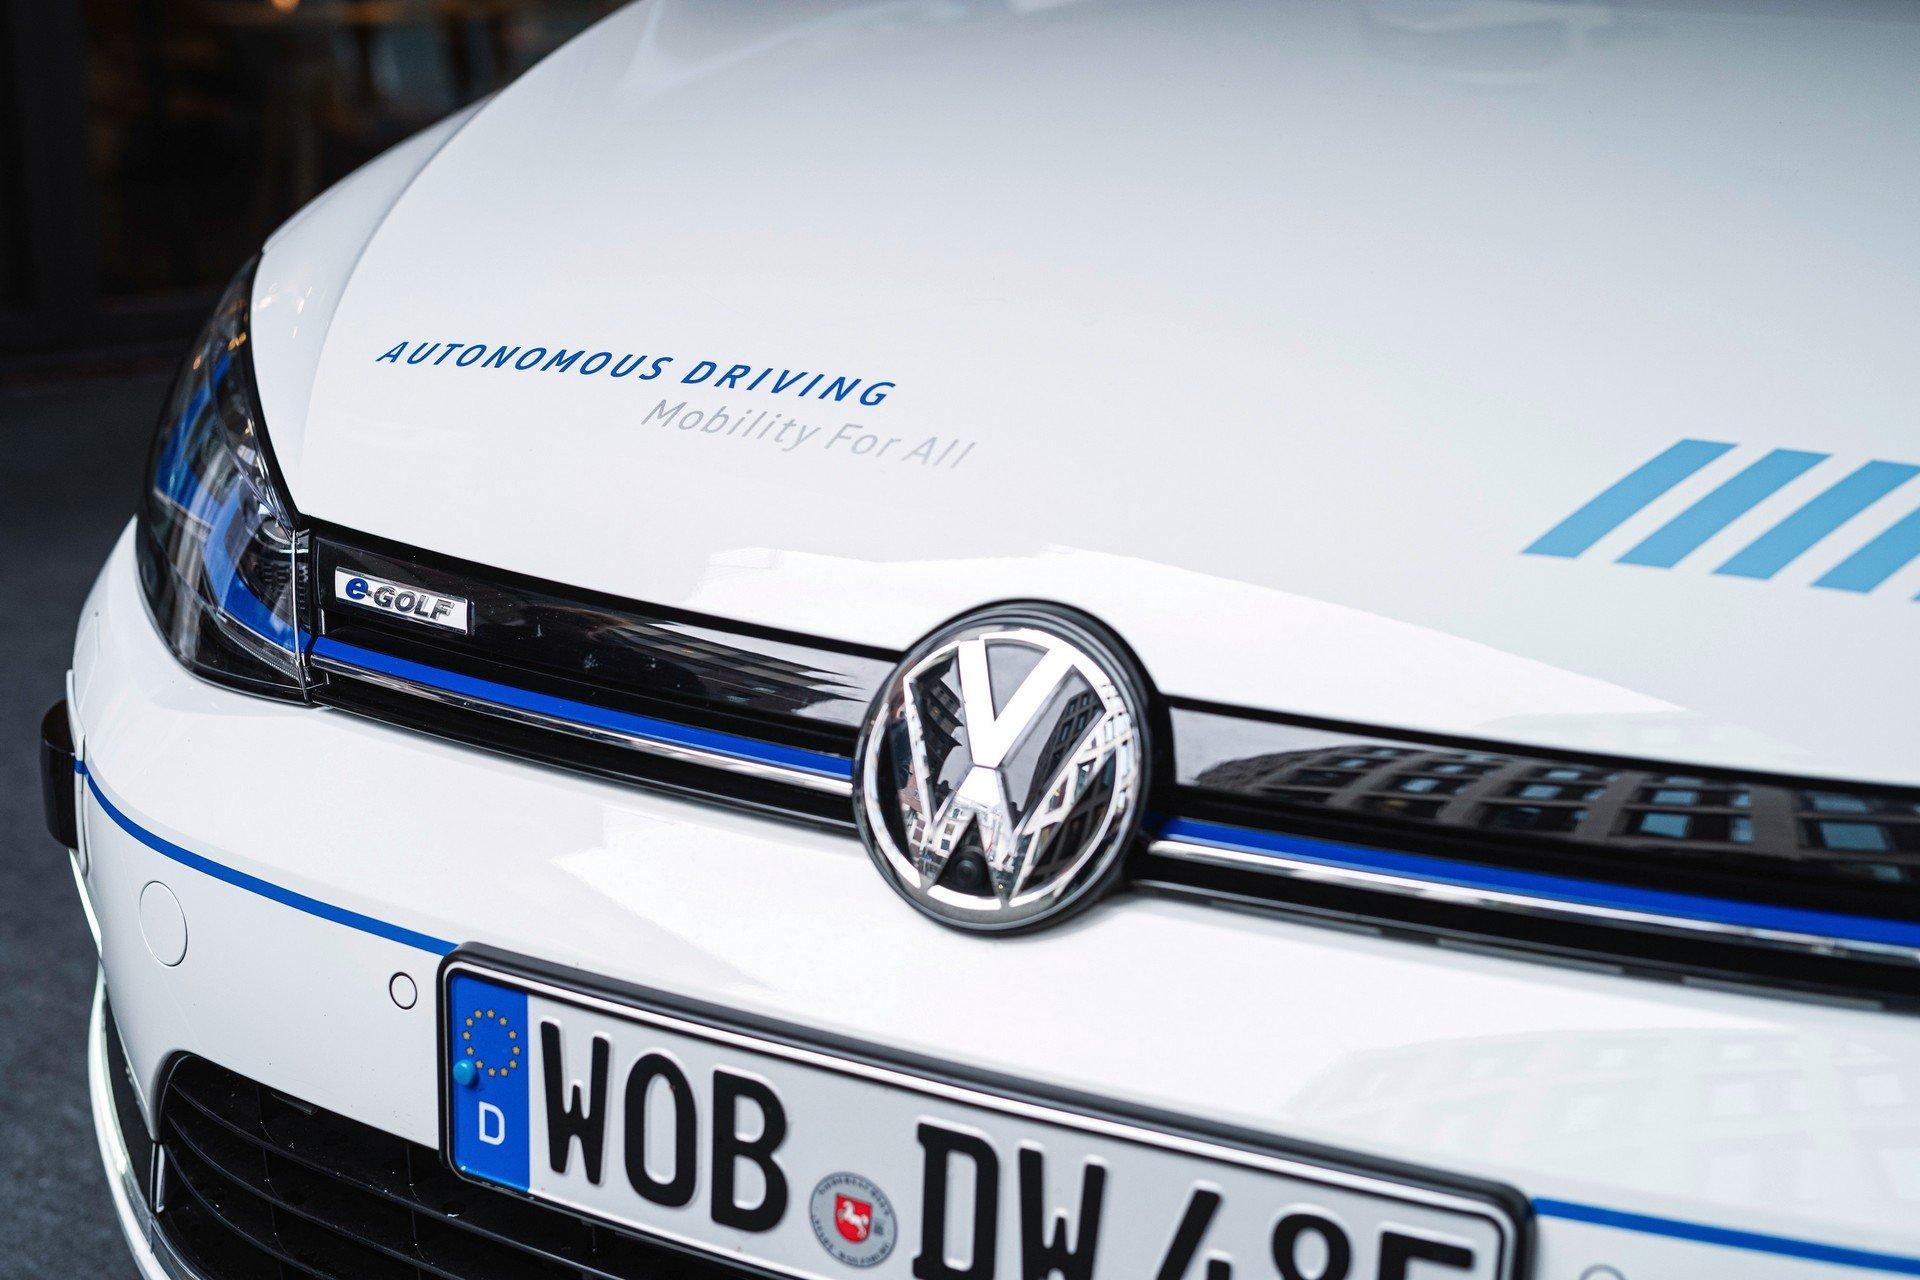 VW-Volkswagen-e-Golf-Autonomous-3